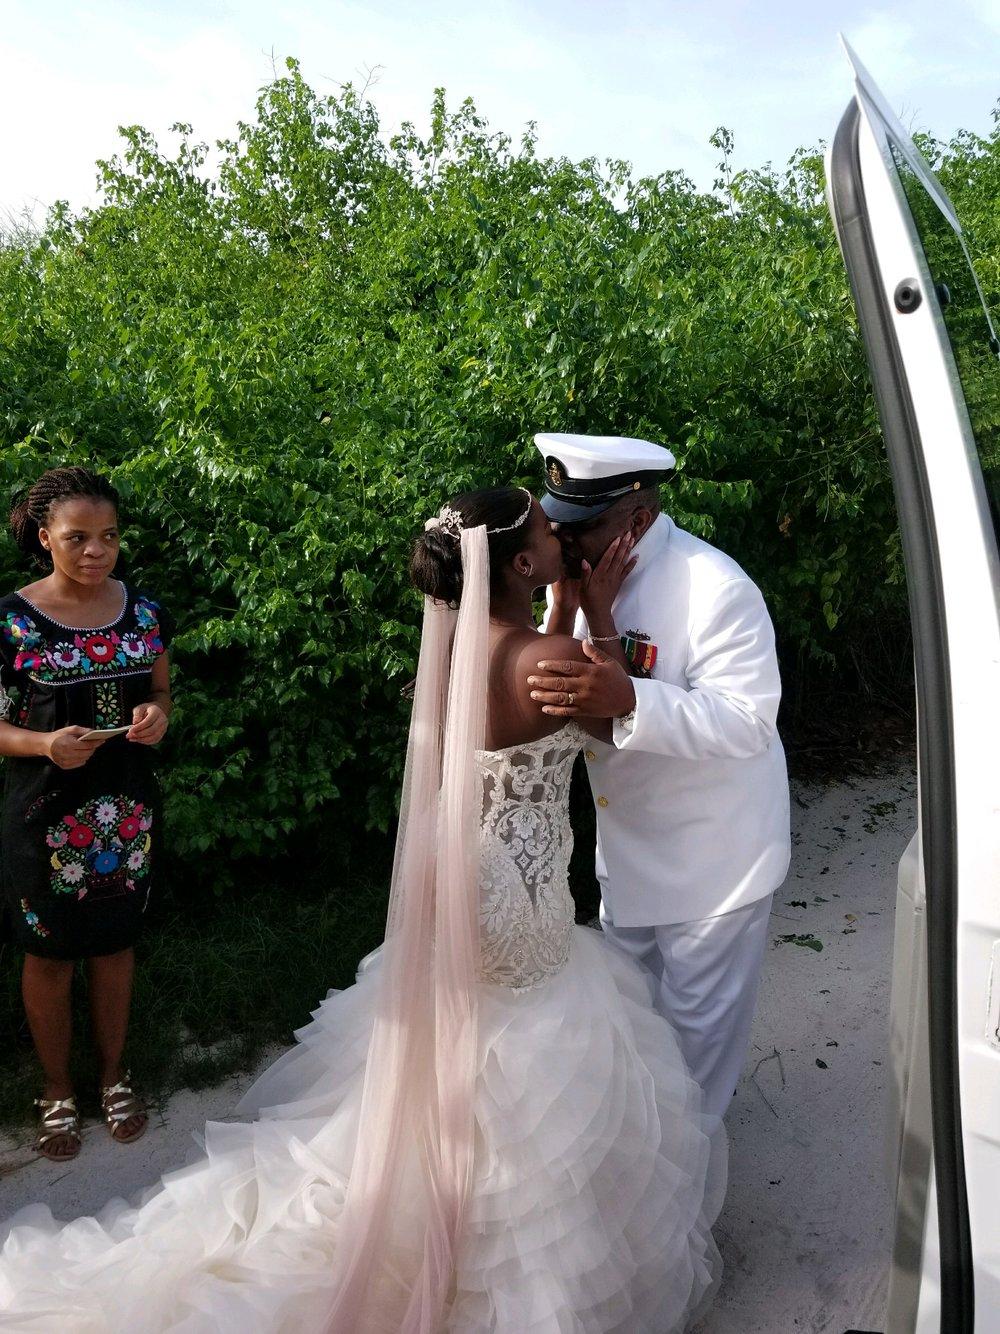 Black Destination Bride - BlackDesti Wedding Countdown Journal - Bridefriends Podcast - 0 Playa del Carmen Mexico - Blue Venado - Shenko Photography - Dad Navy Chief Uniform4.JPG